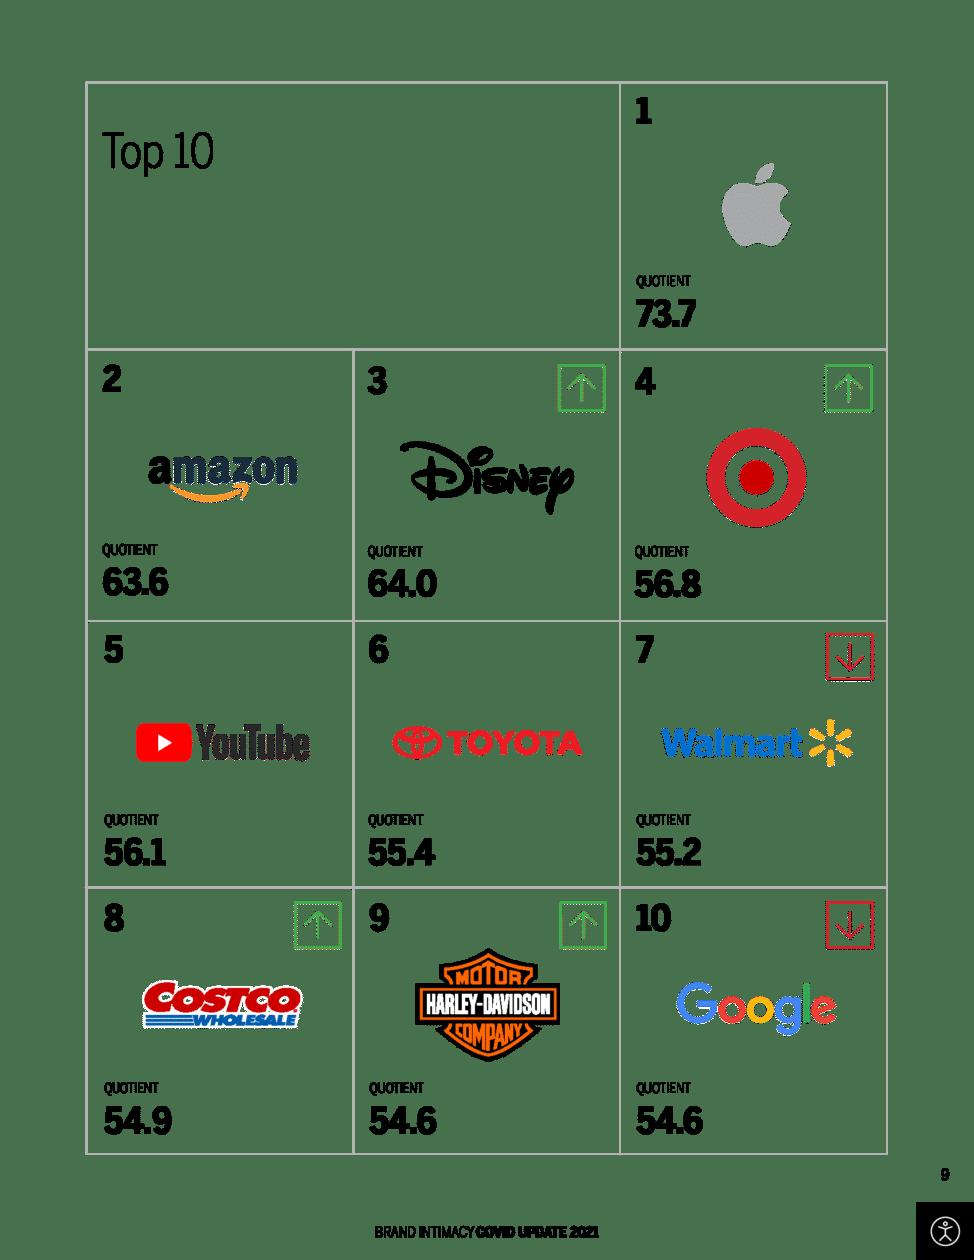 MLMB: ranking de marcas mais íntimas dos usuários